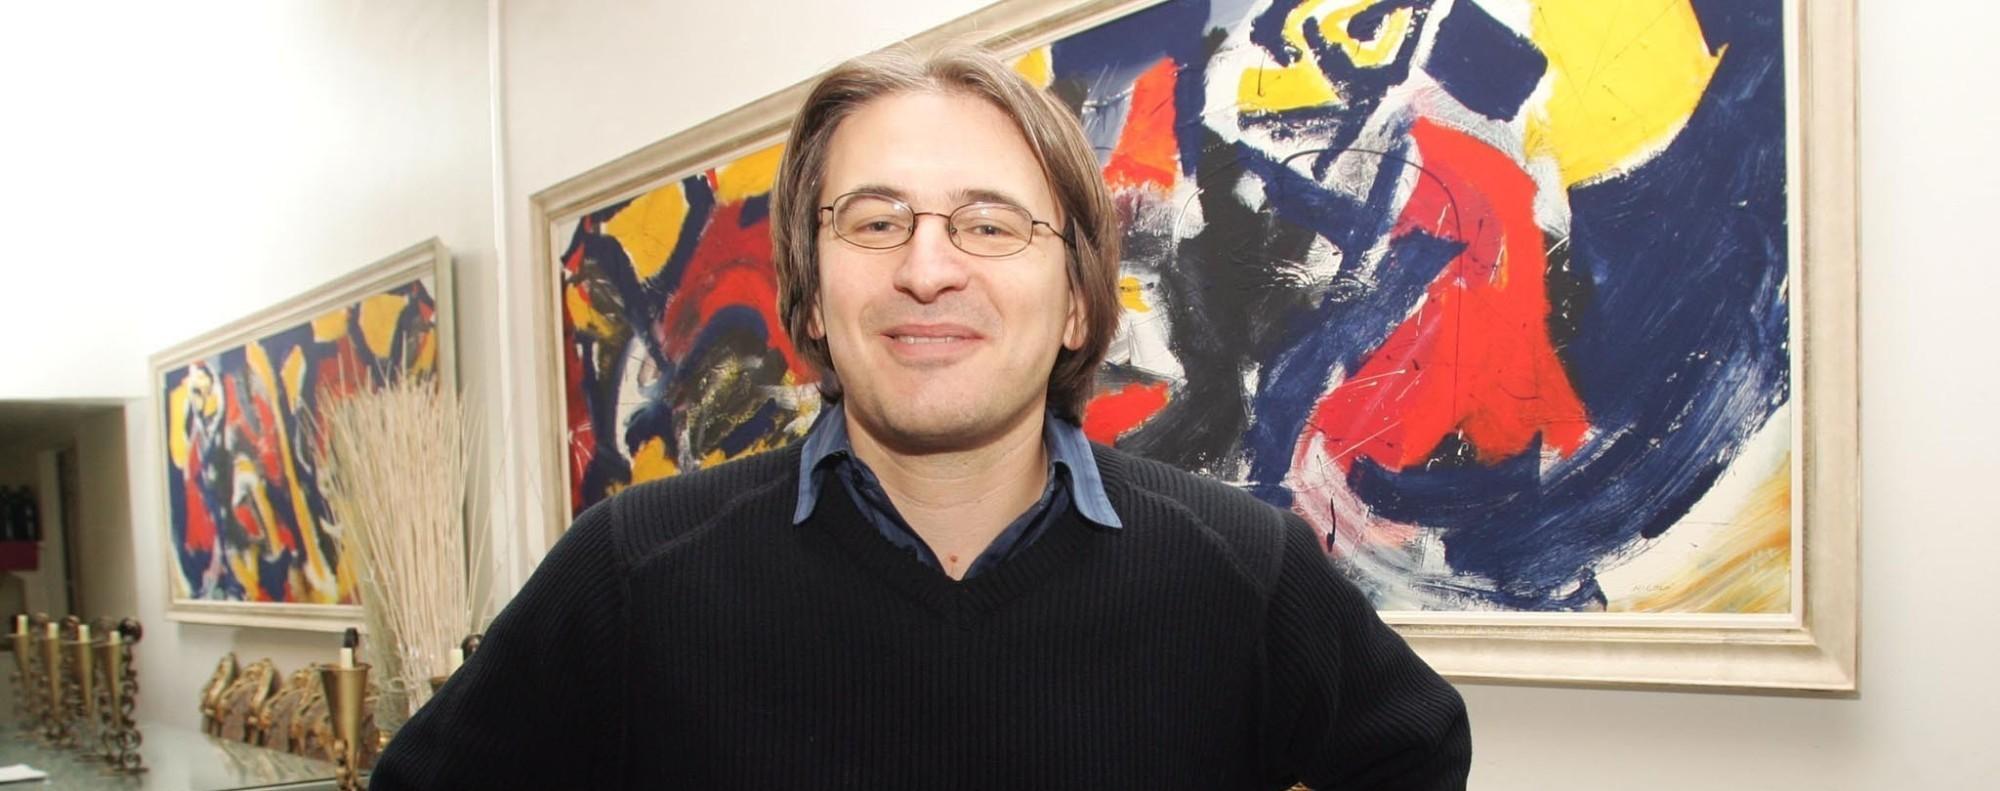 Antonio Campo dall'Orto                   Matteo Bazzi/ ANSA